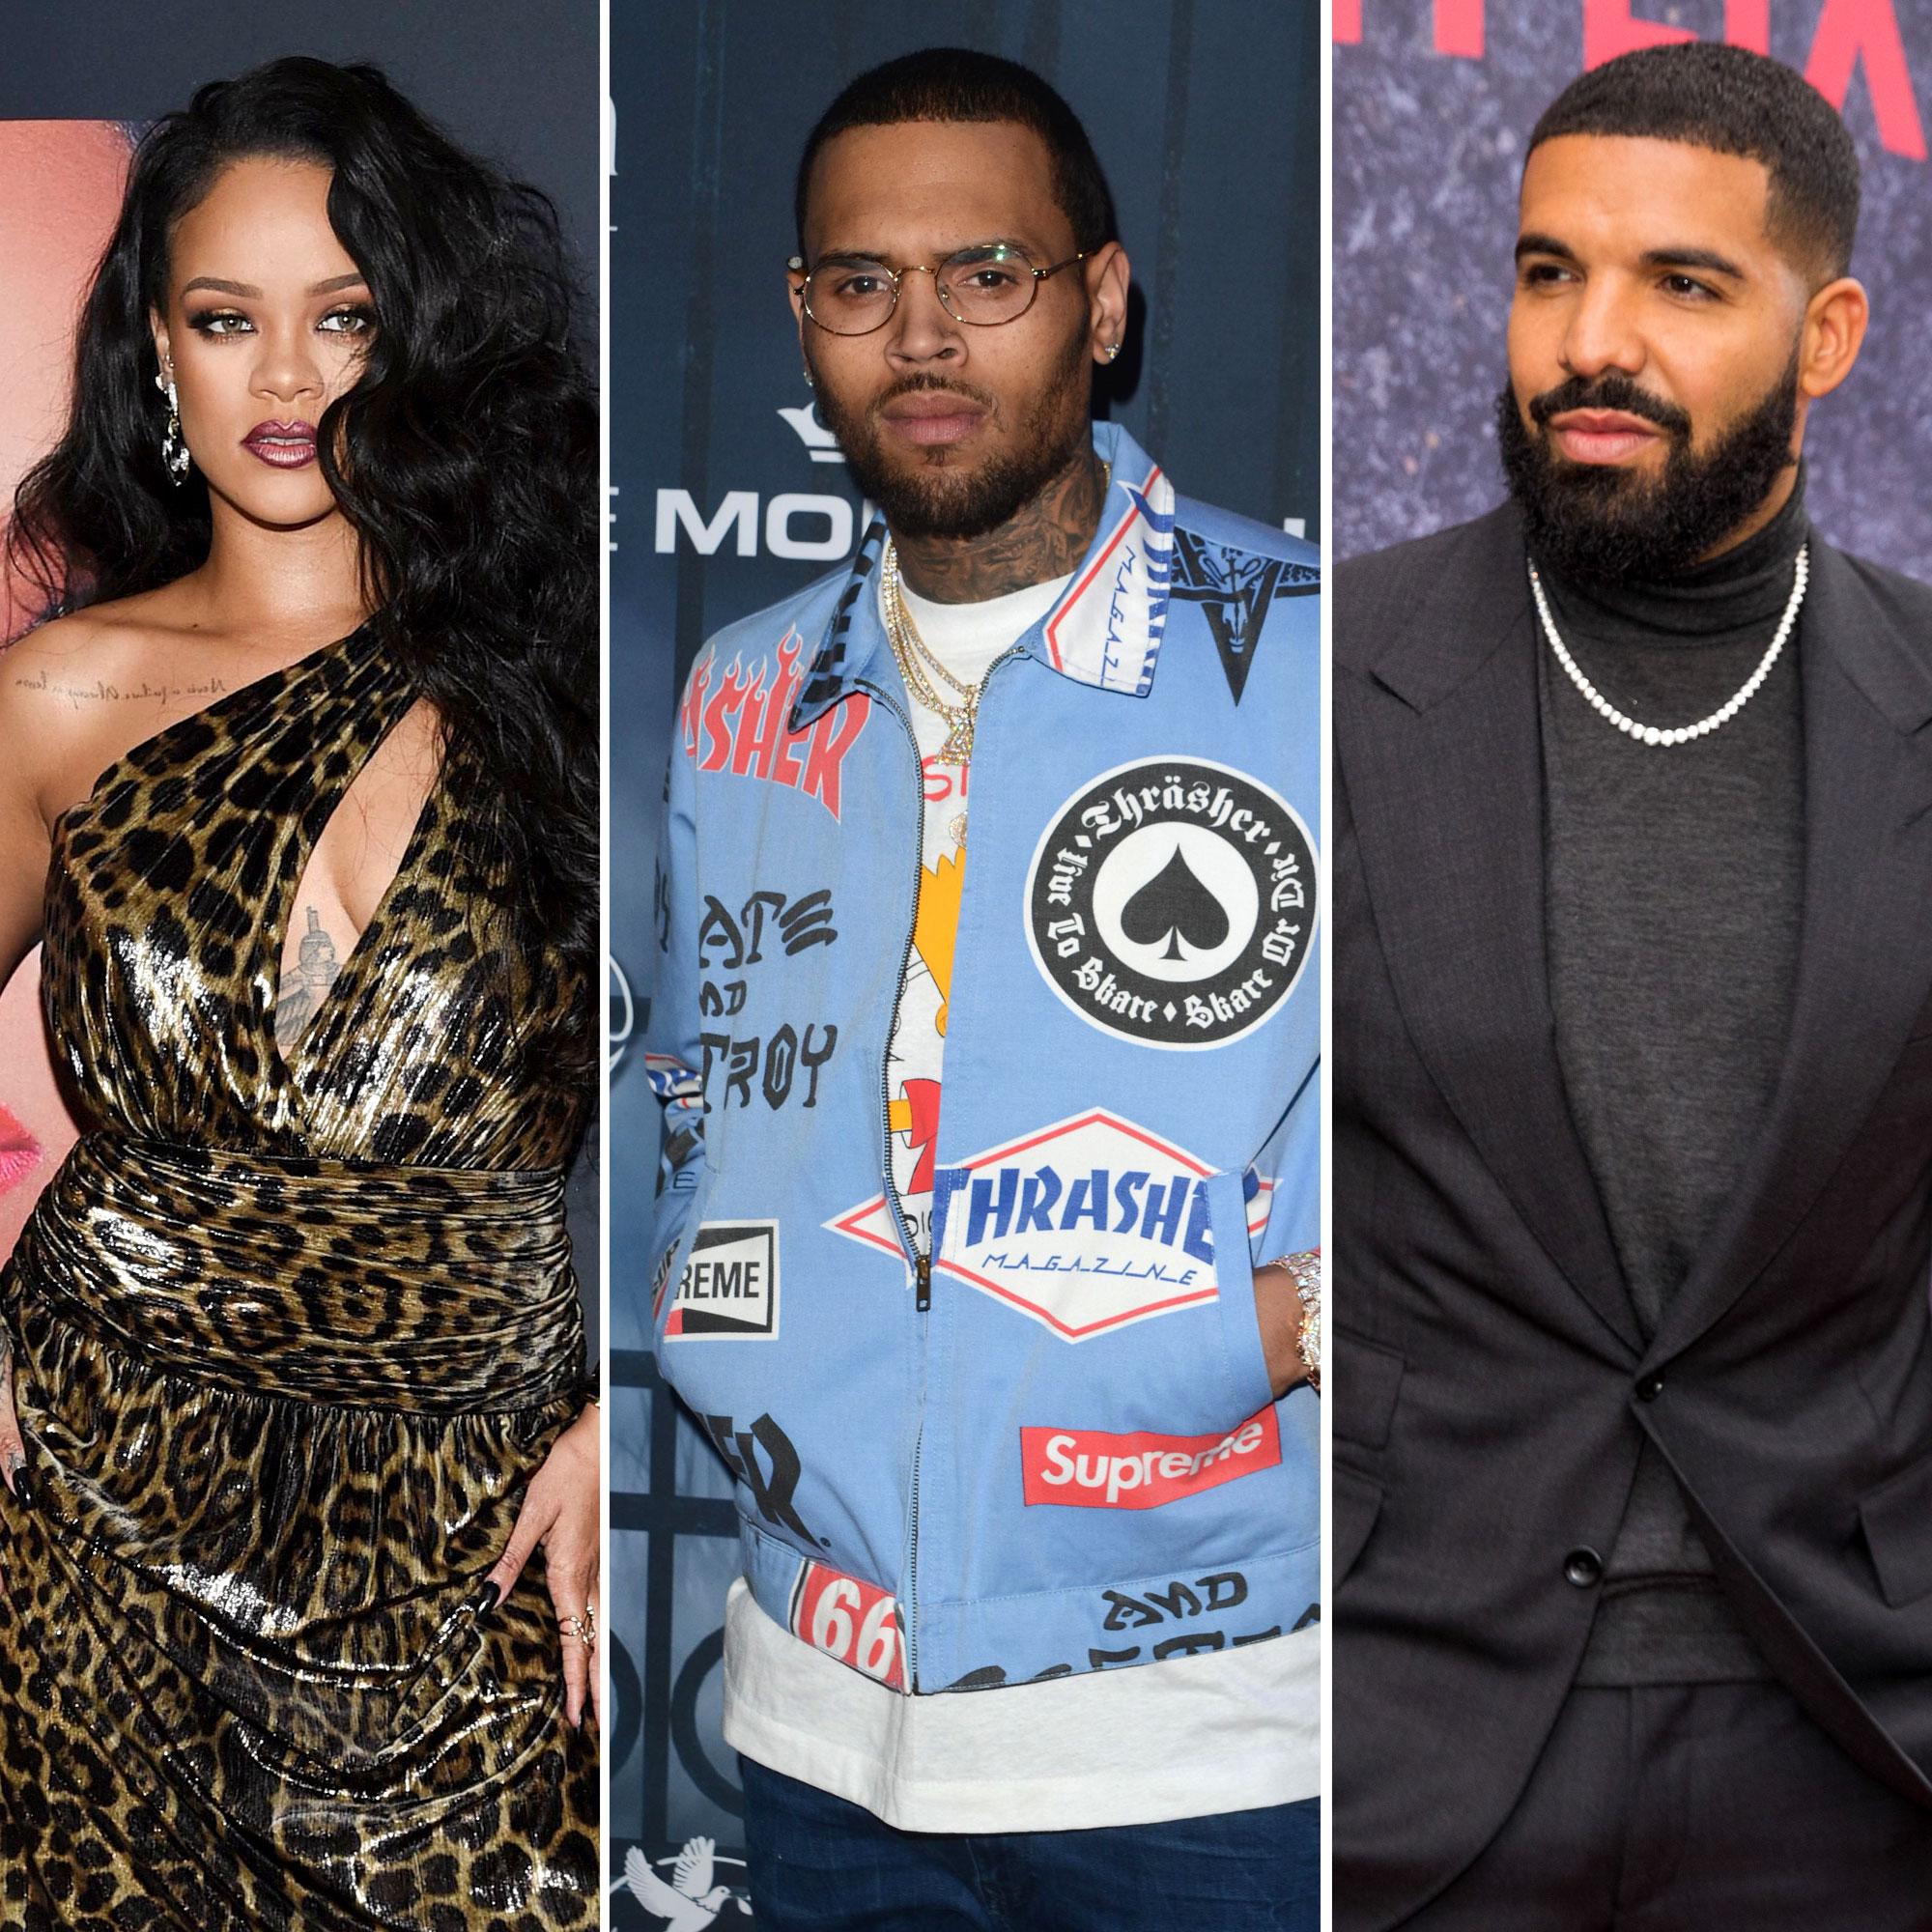 är Rihanna dating drake